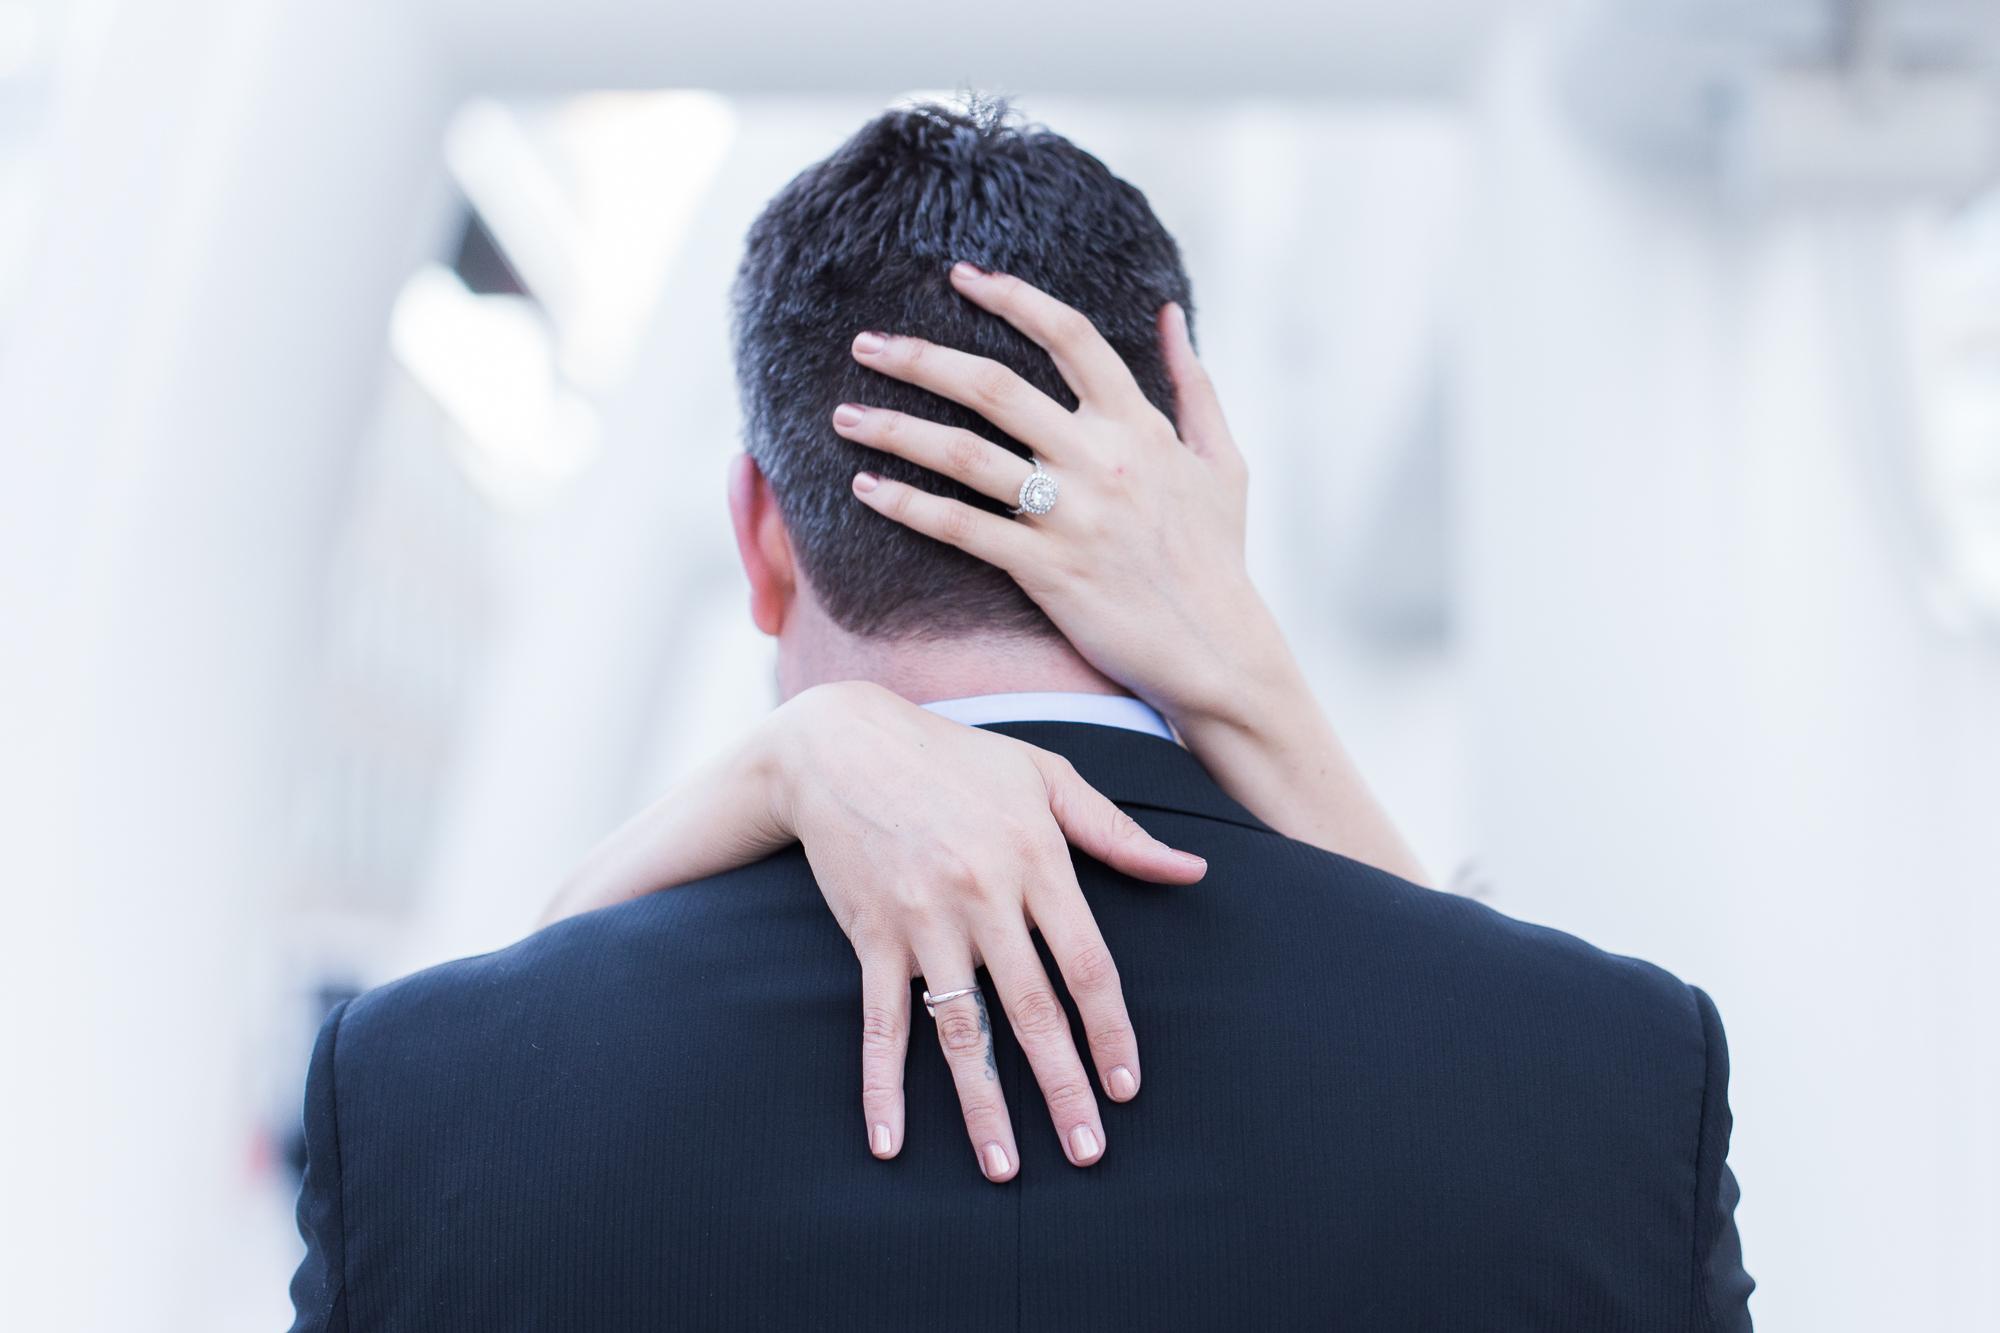 Pareja de novios abrazados - 2000x1333